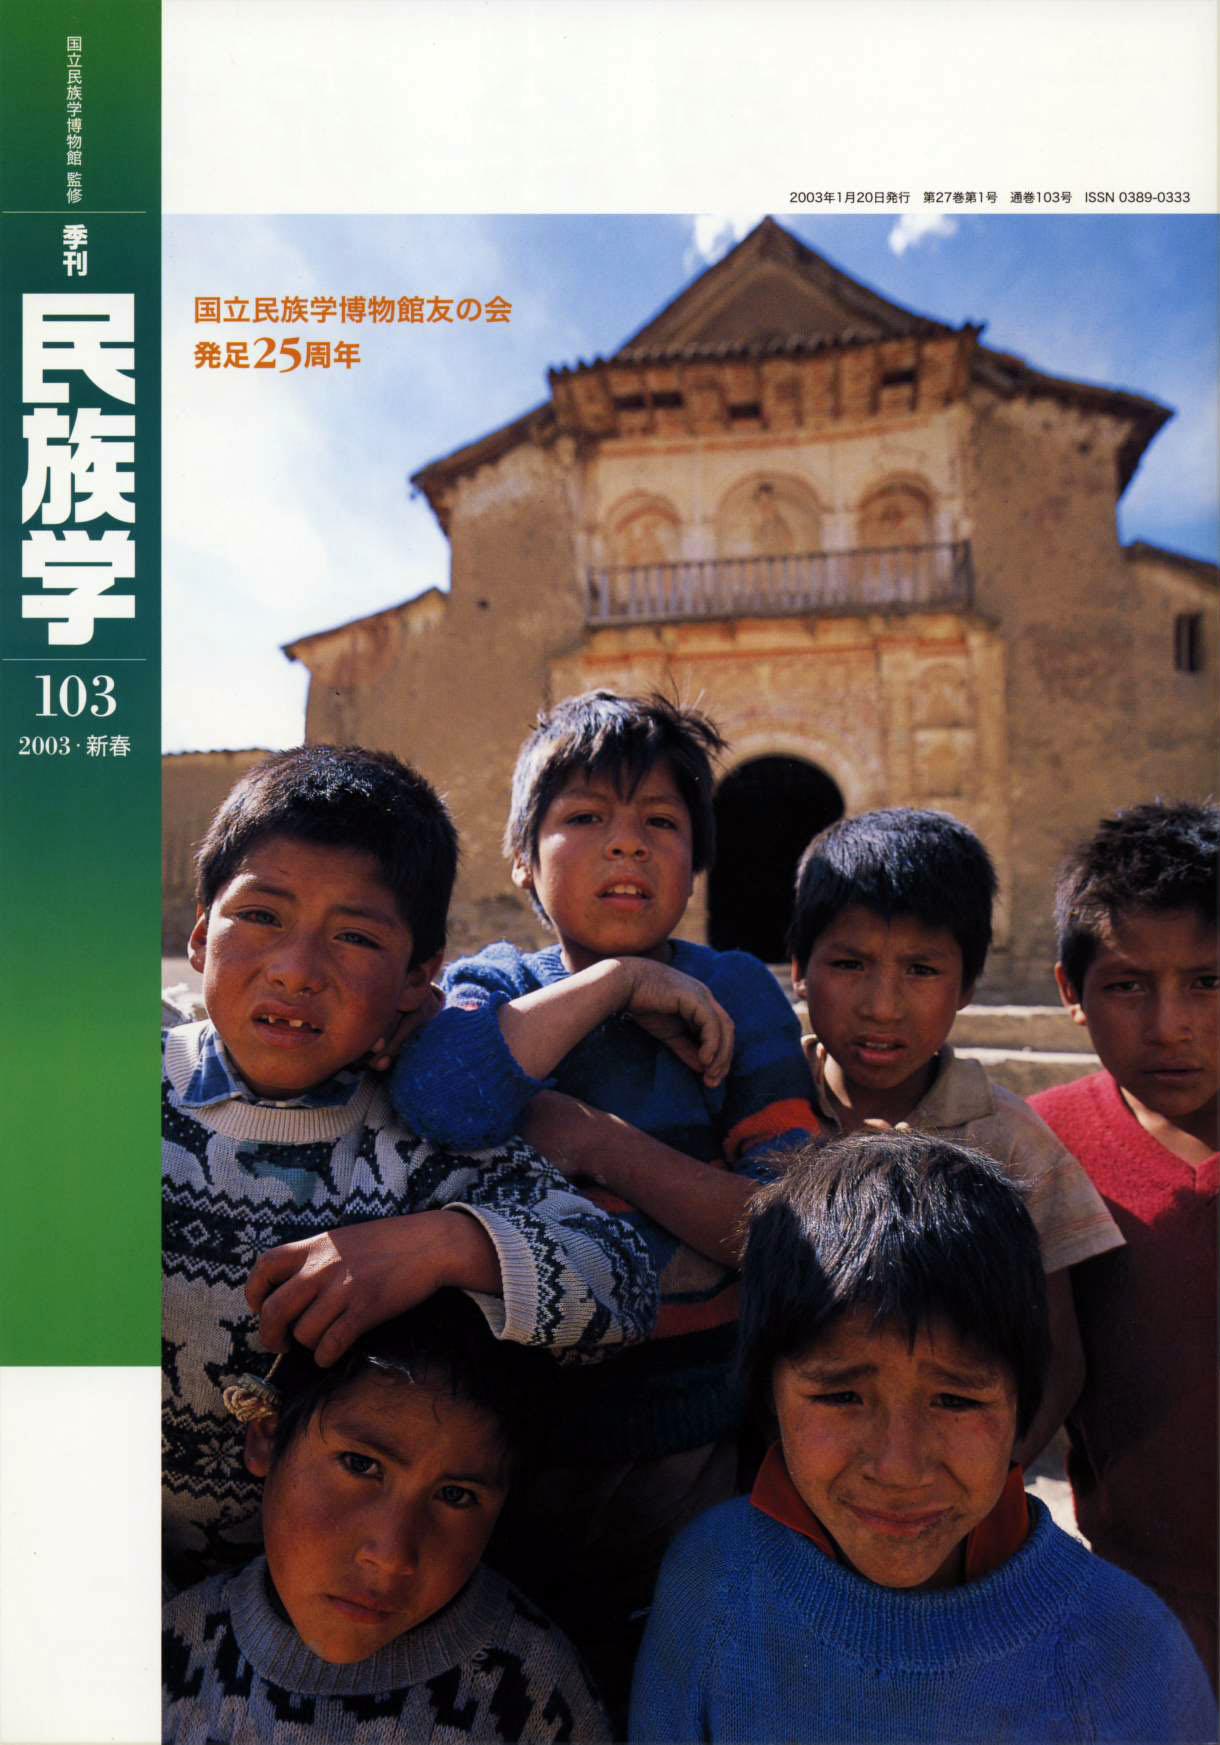 103号 2003年 新春